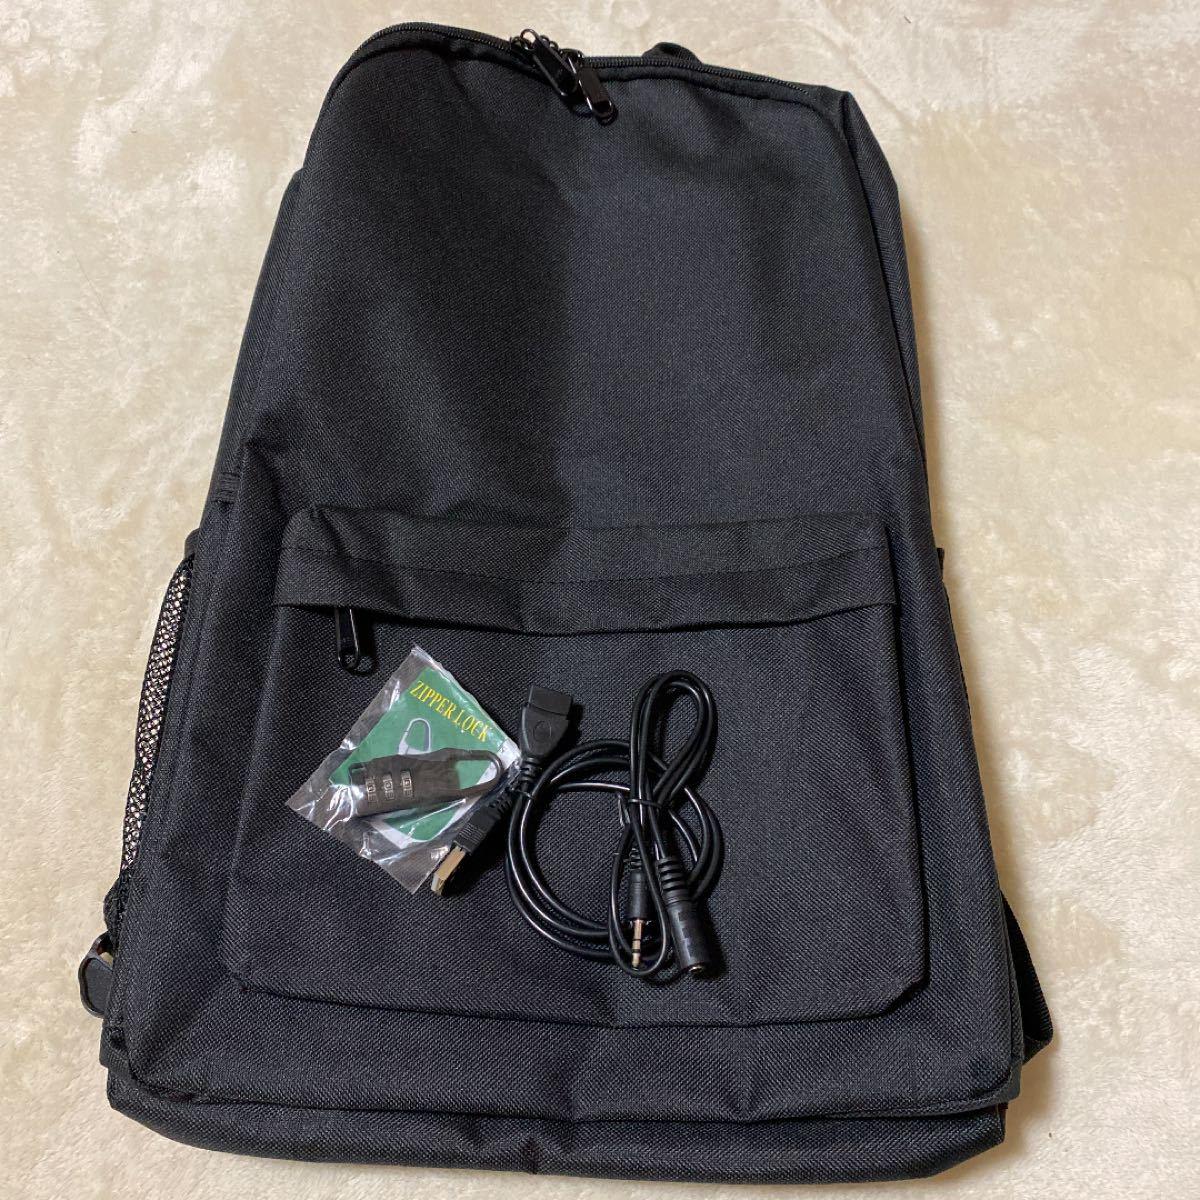 リュック バックパック 大容量 PC リュックサック 軽量 メンズ レディース